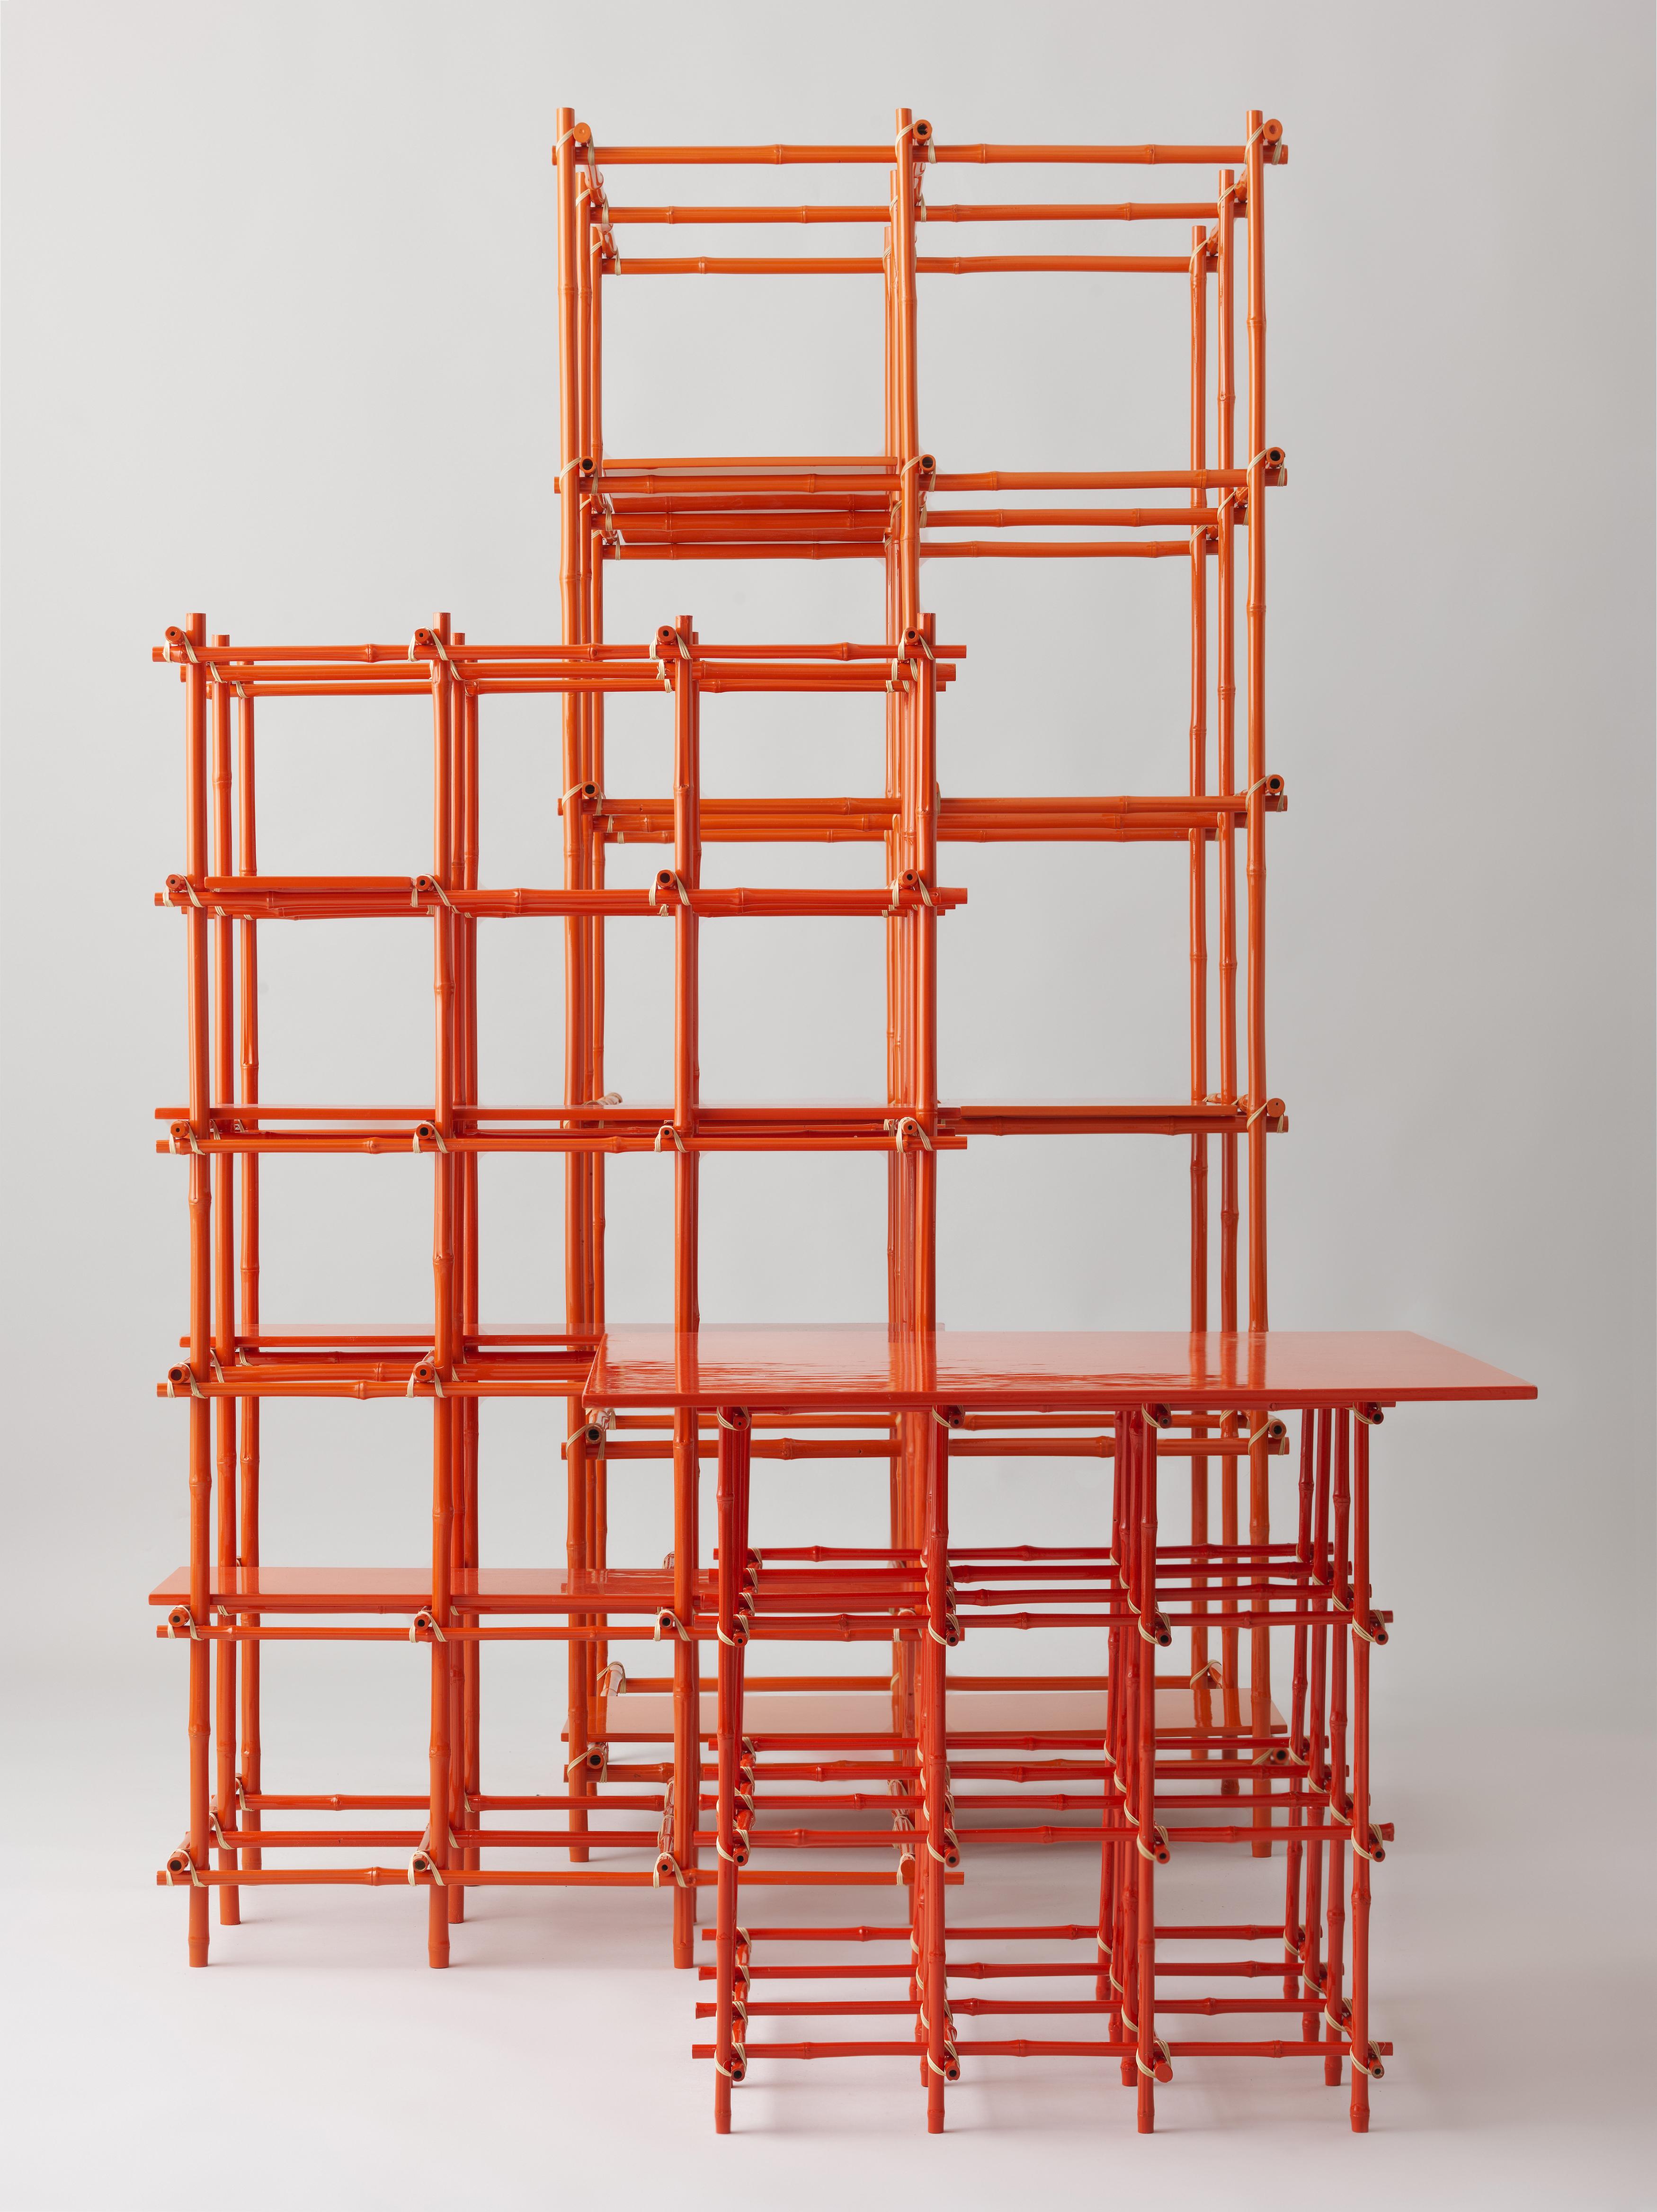 construction-collection-1-construction-collection-2-construction-collection-3-gabriella-gustafson-och-mattias-stahlbom-2_2